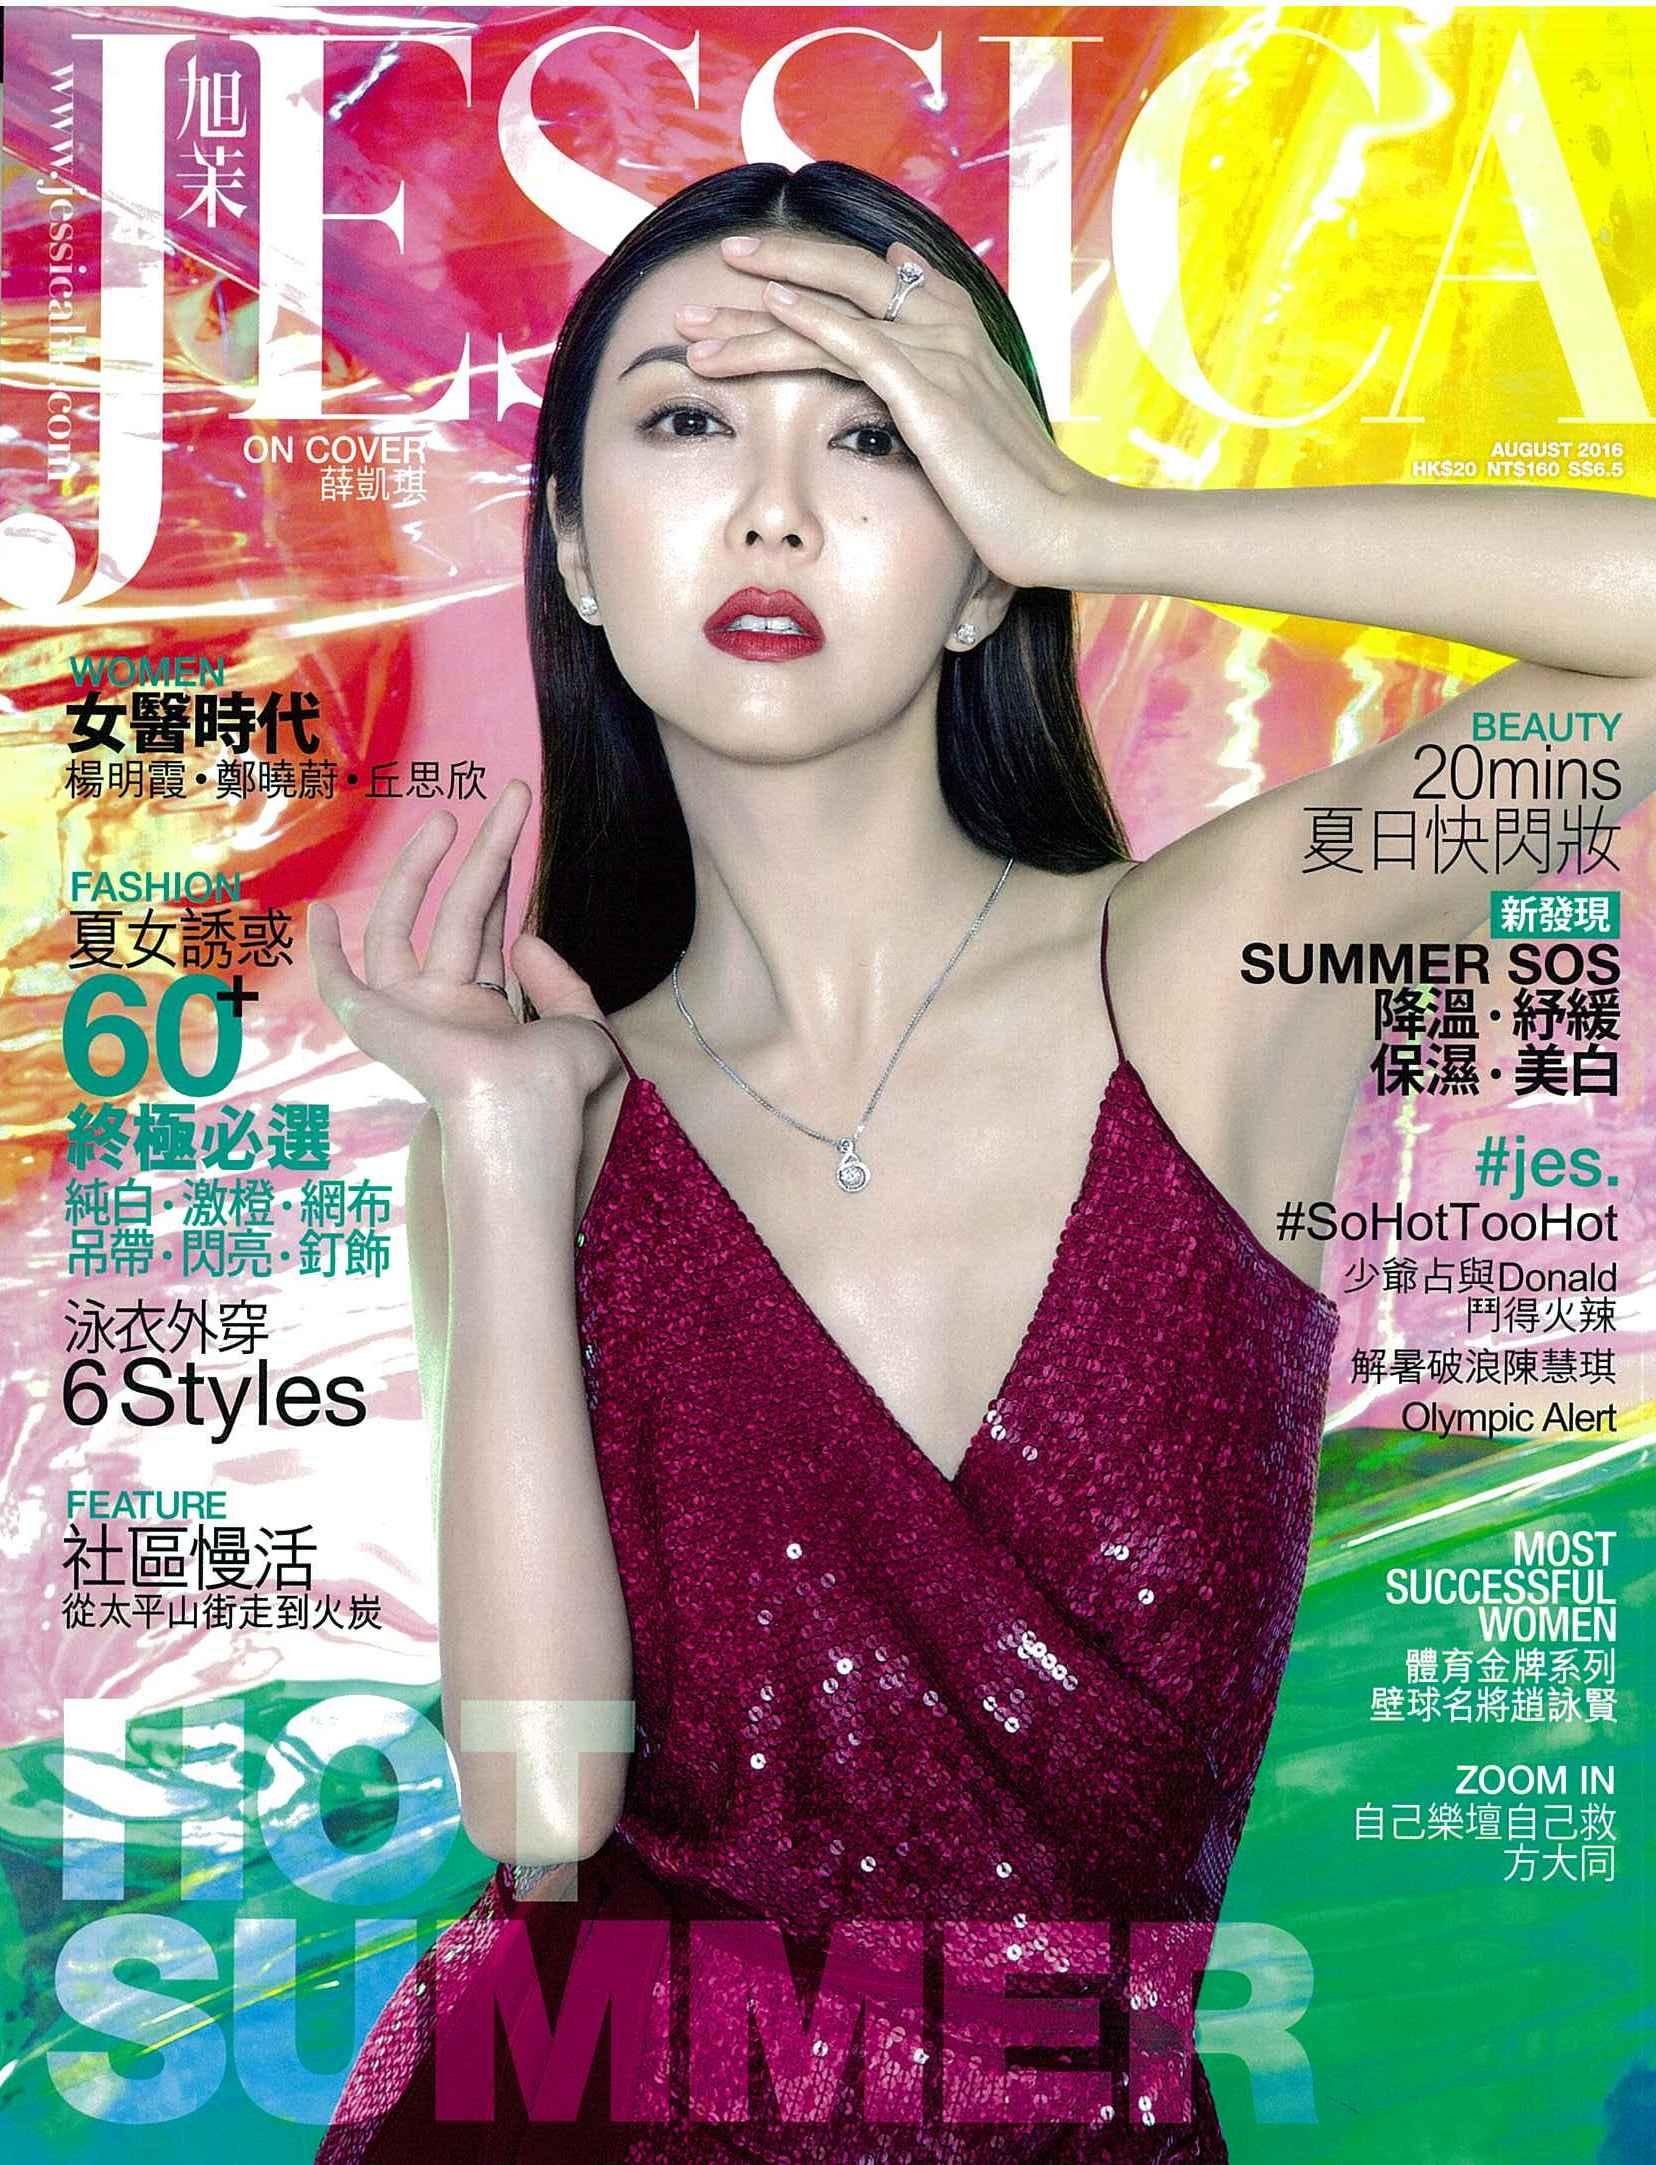 Hong Kong_Jessica_August DVF 1.jpg